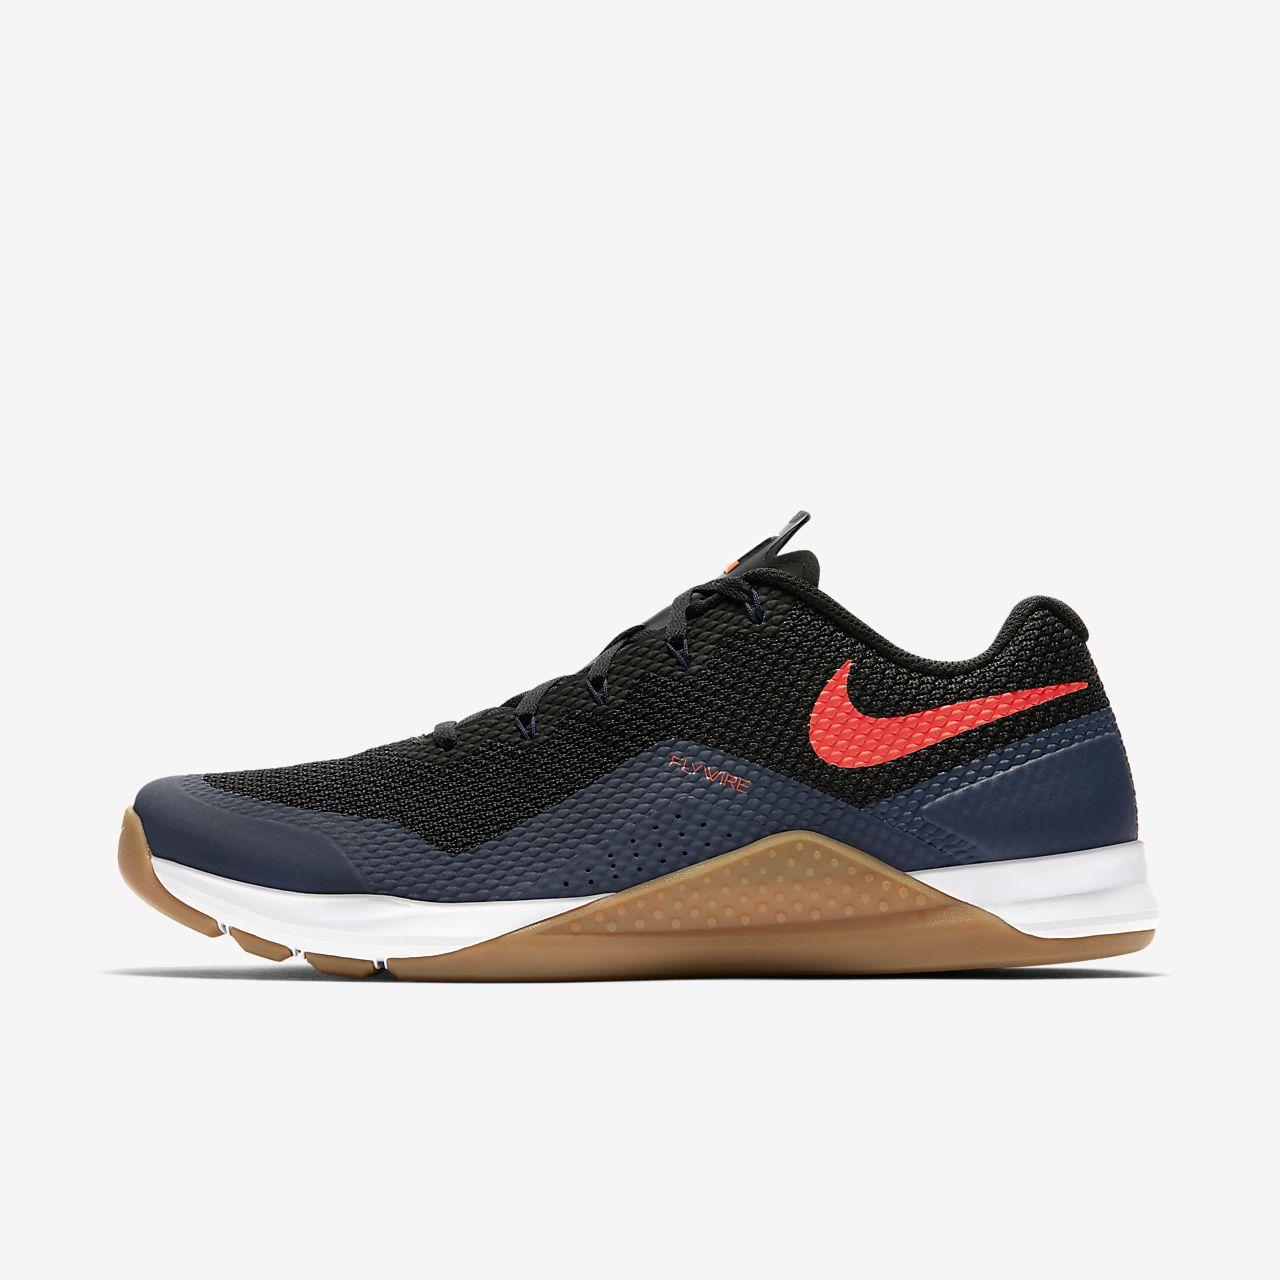 nike shoes for men on sale azkaban demonstrative 932460